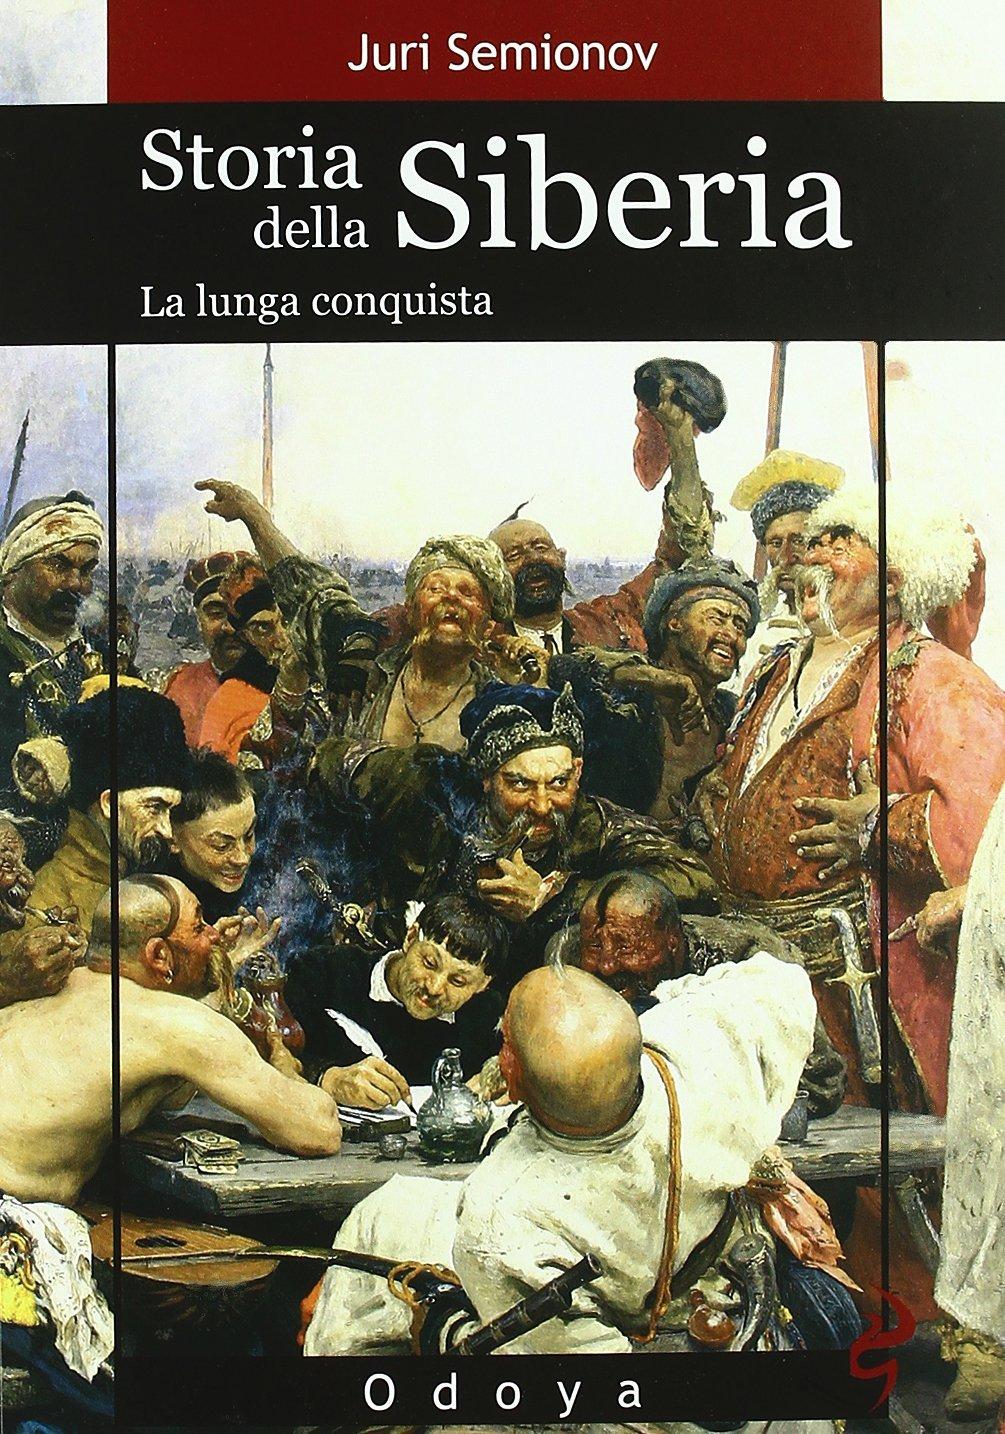 Storia della Siberia di Juri Semionov